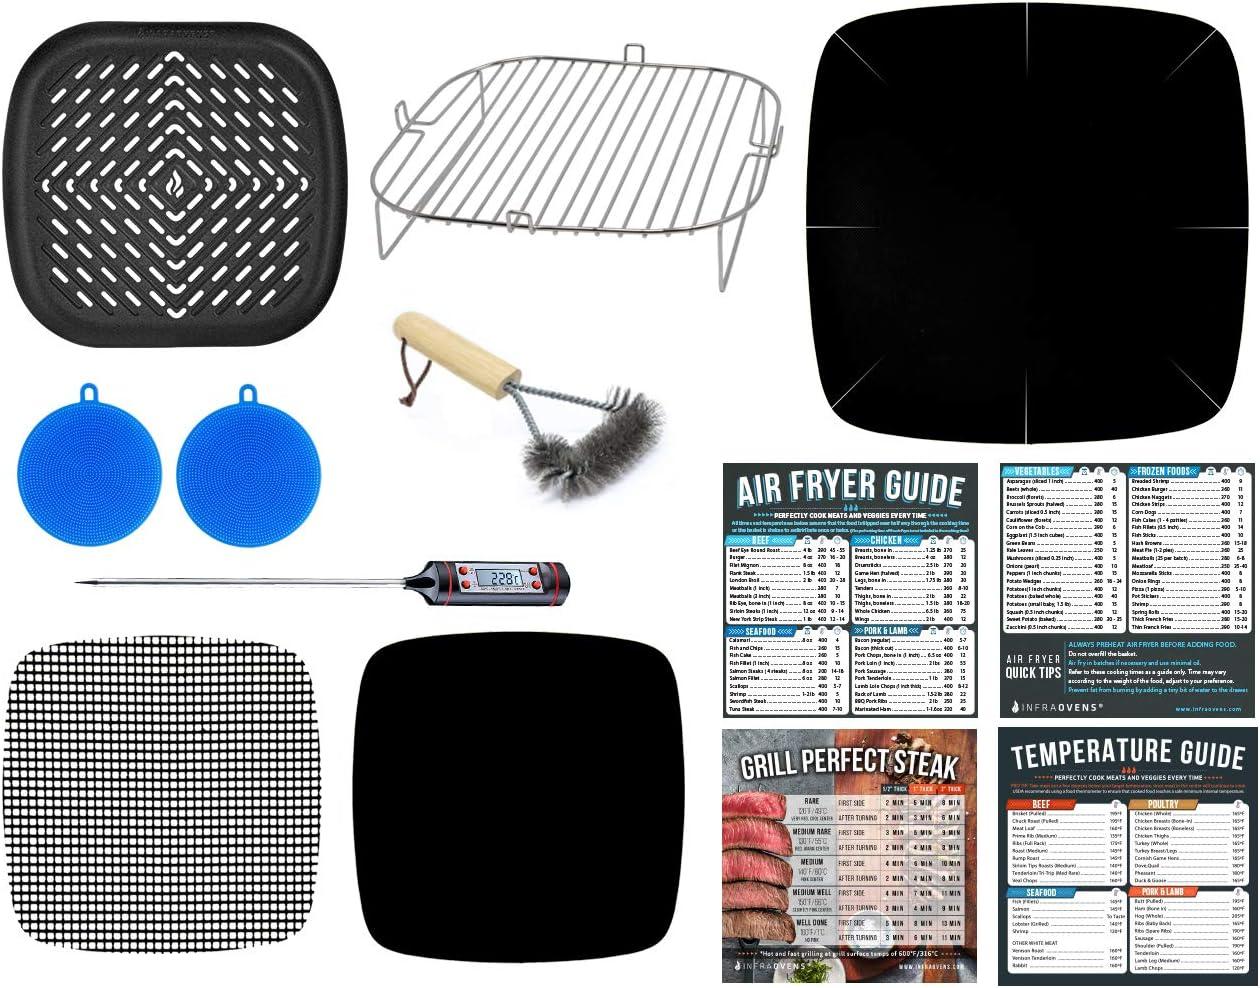 Air Fryer Toaster Oven Accessories Compatible With Aaobosi 21 QT, Caynel 12.5 quarts, Costway 19 QT, Paula Deen 9.5 QT, Zokop 16.91 QT, Costway, Dash Chef + More XXL | Cookbook, Cheat Sheet Magnets